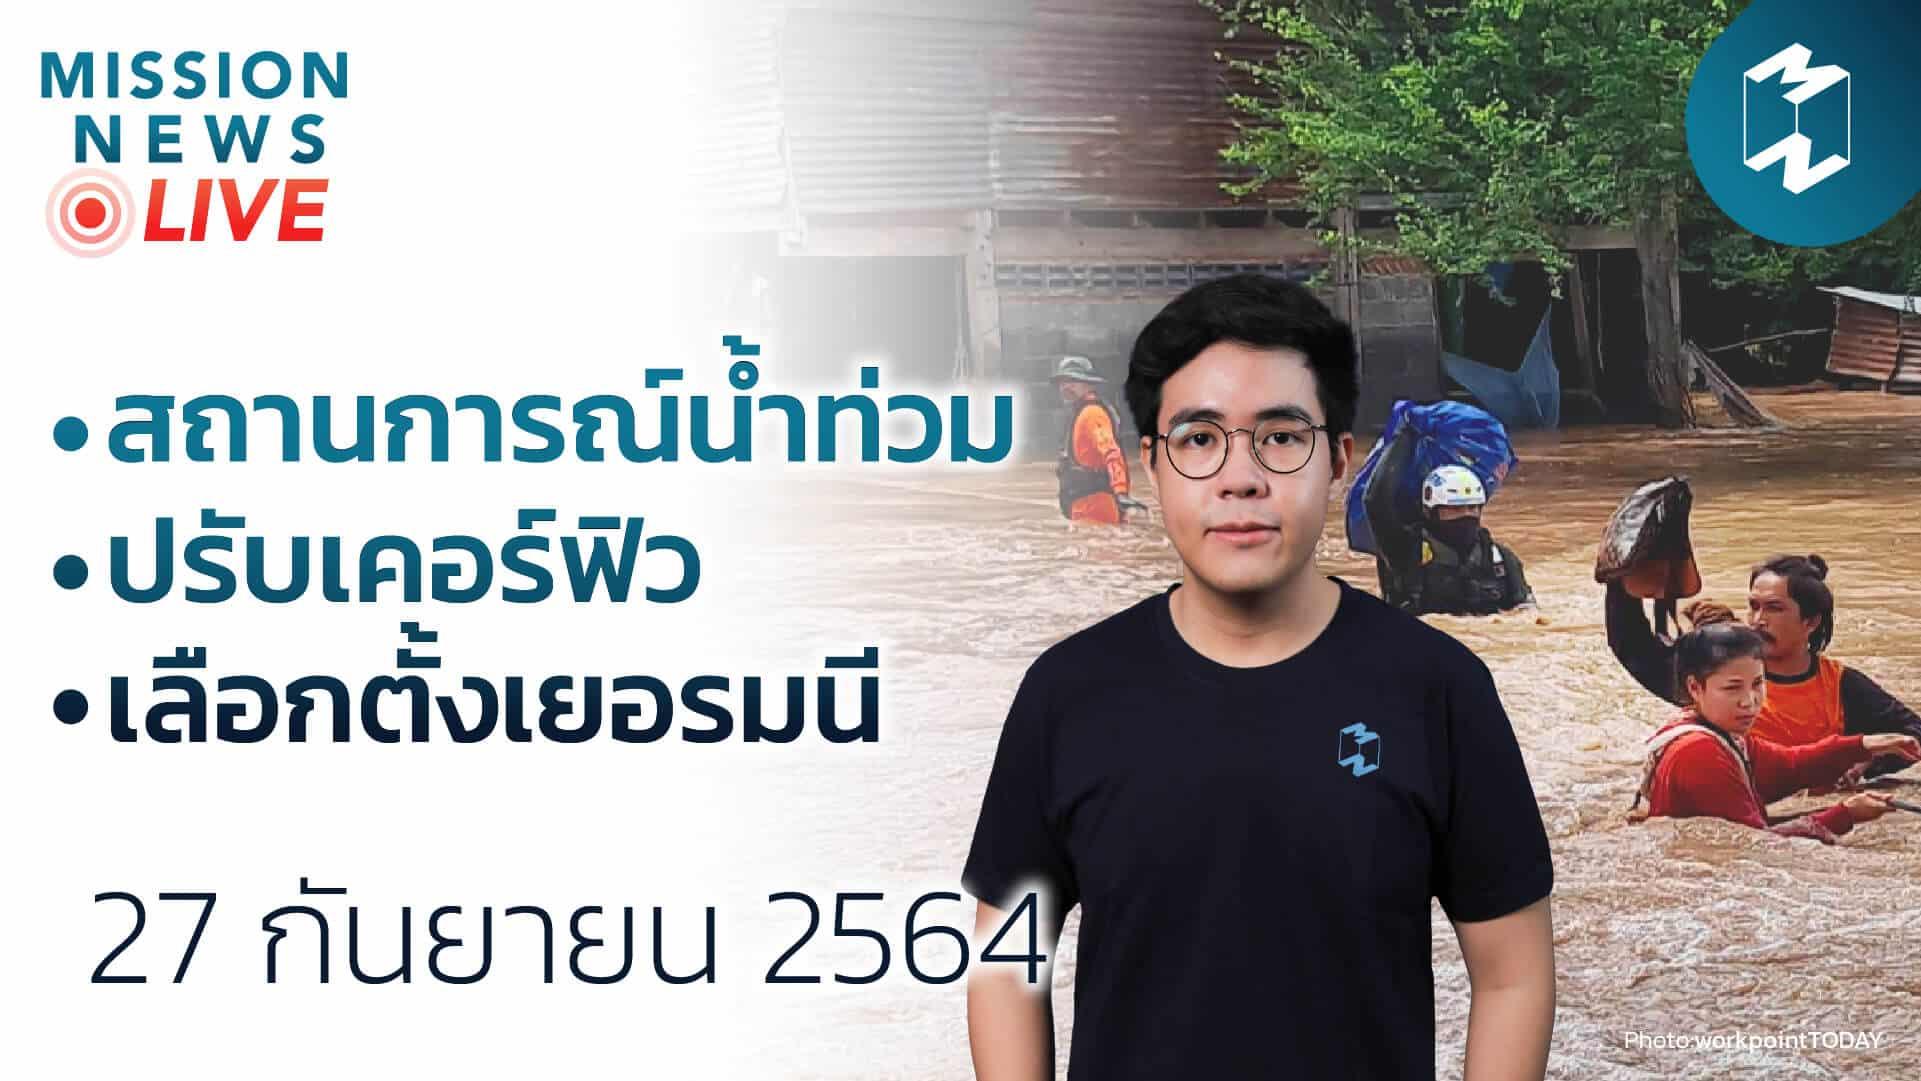 จับตา! สถานการณ์น้ำท่วมทั่วไทย   Mission News 27 ก.ย. 21